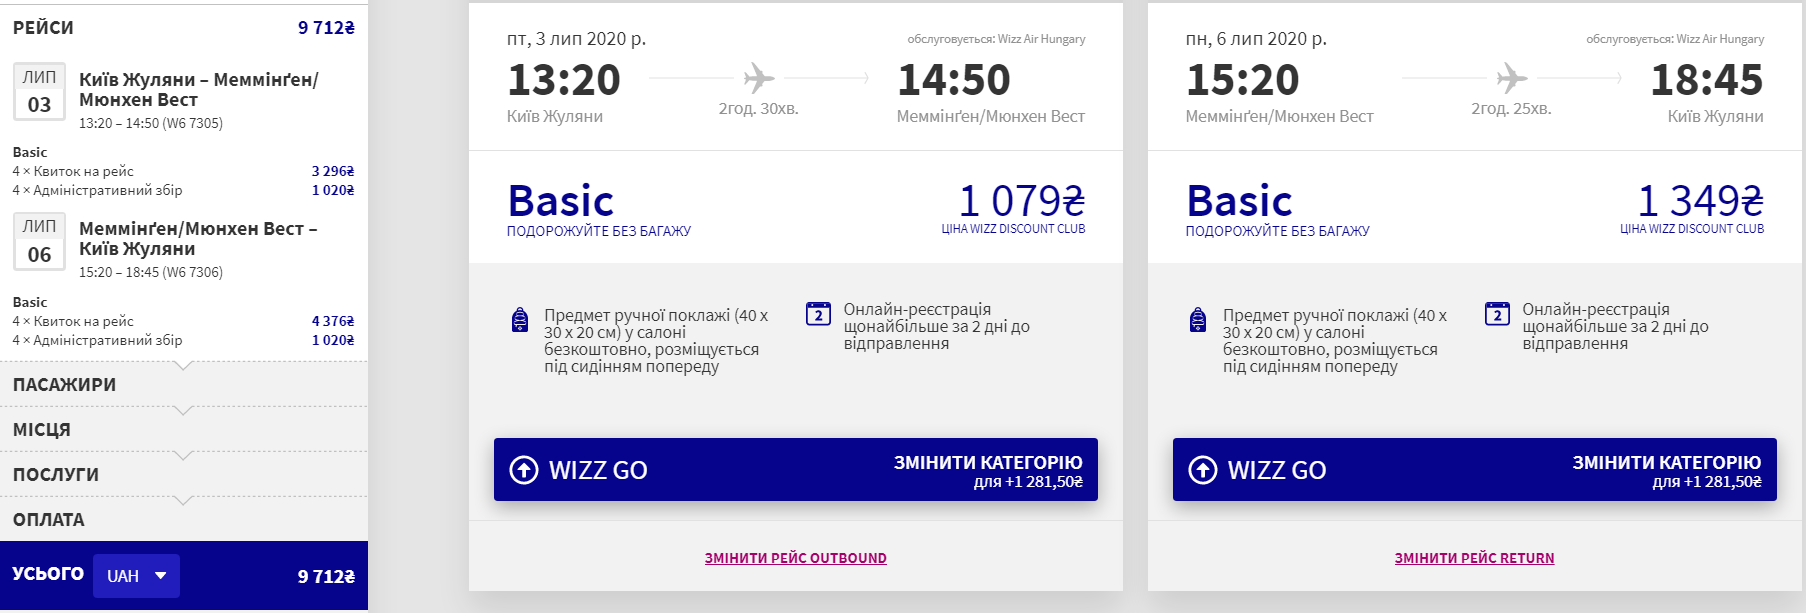 Київ - Меммінген - Київ >>